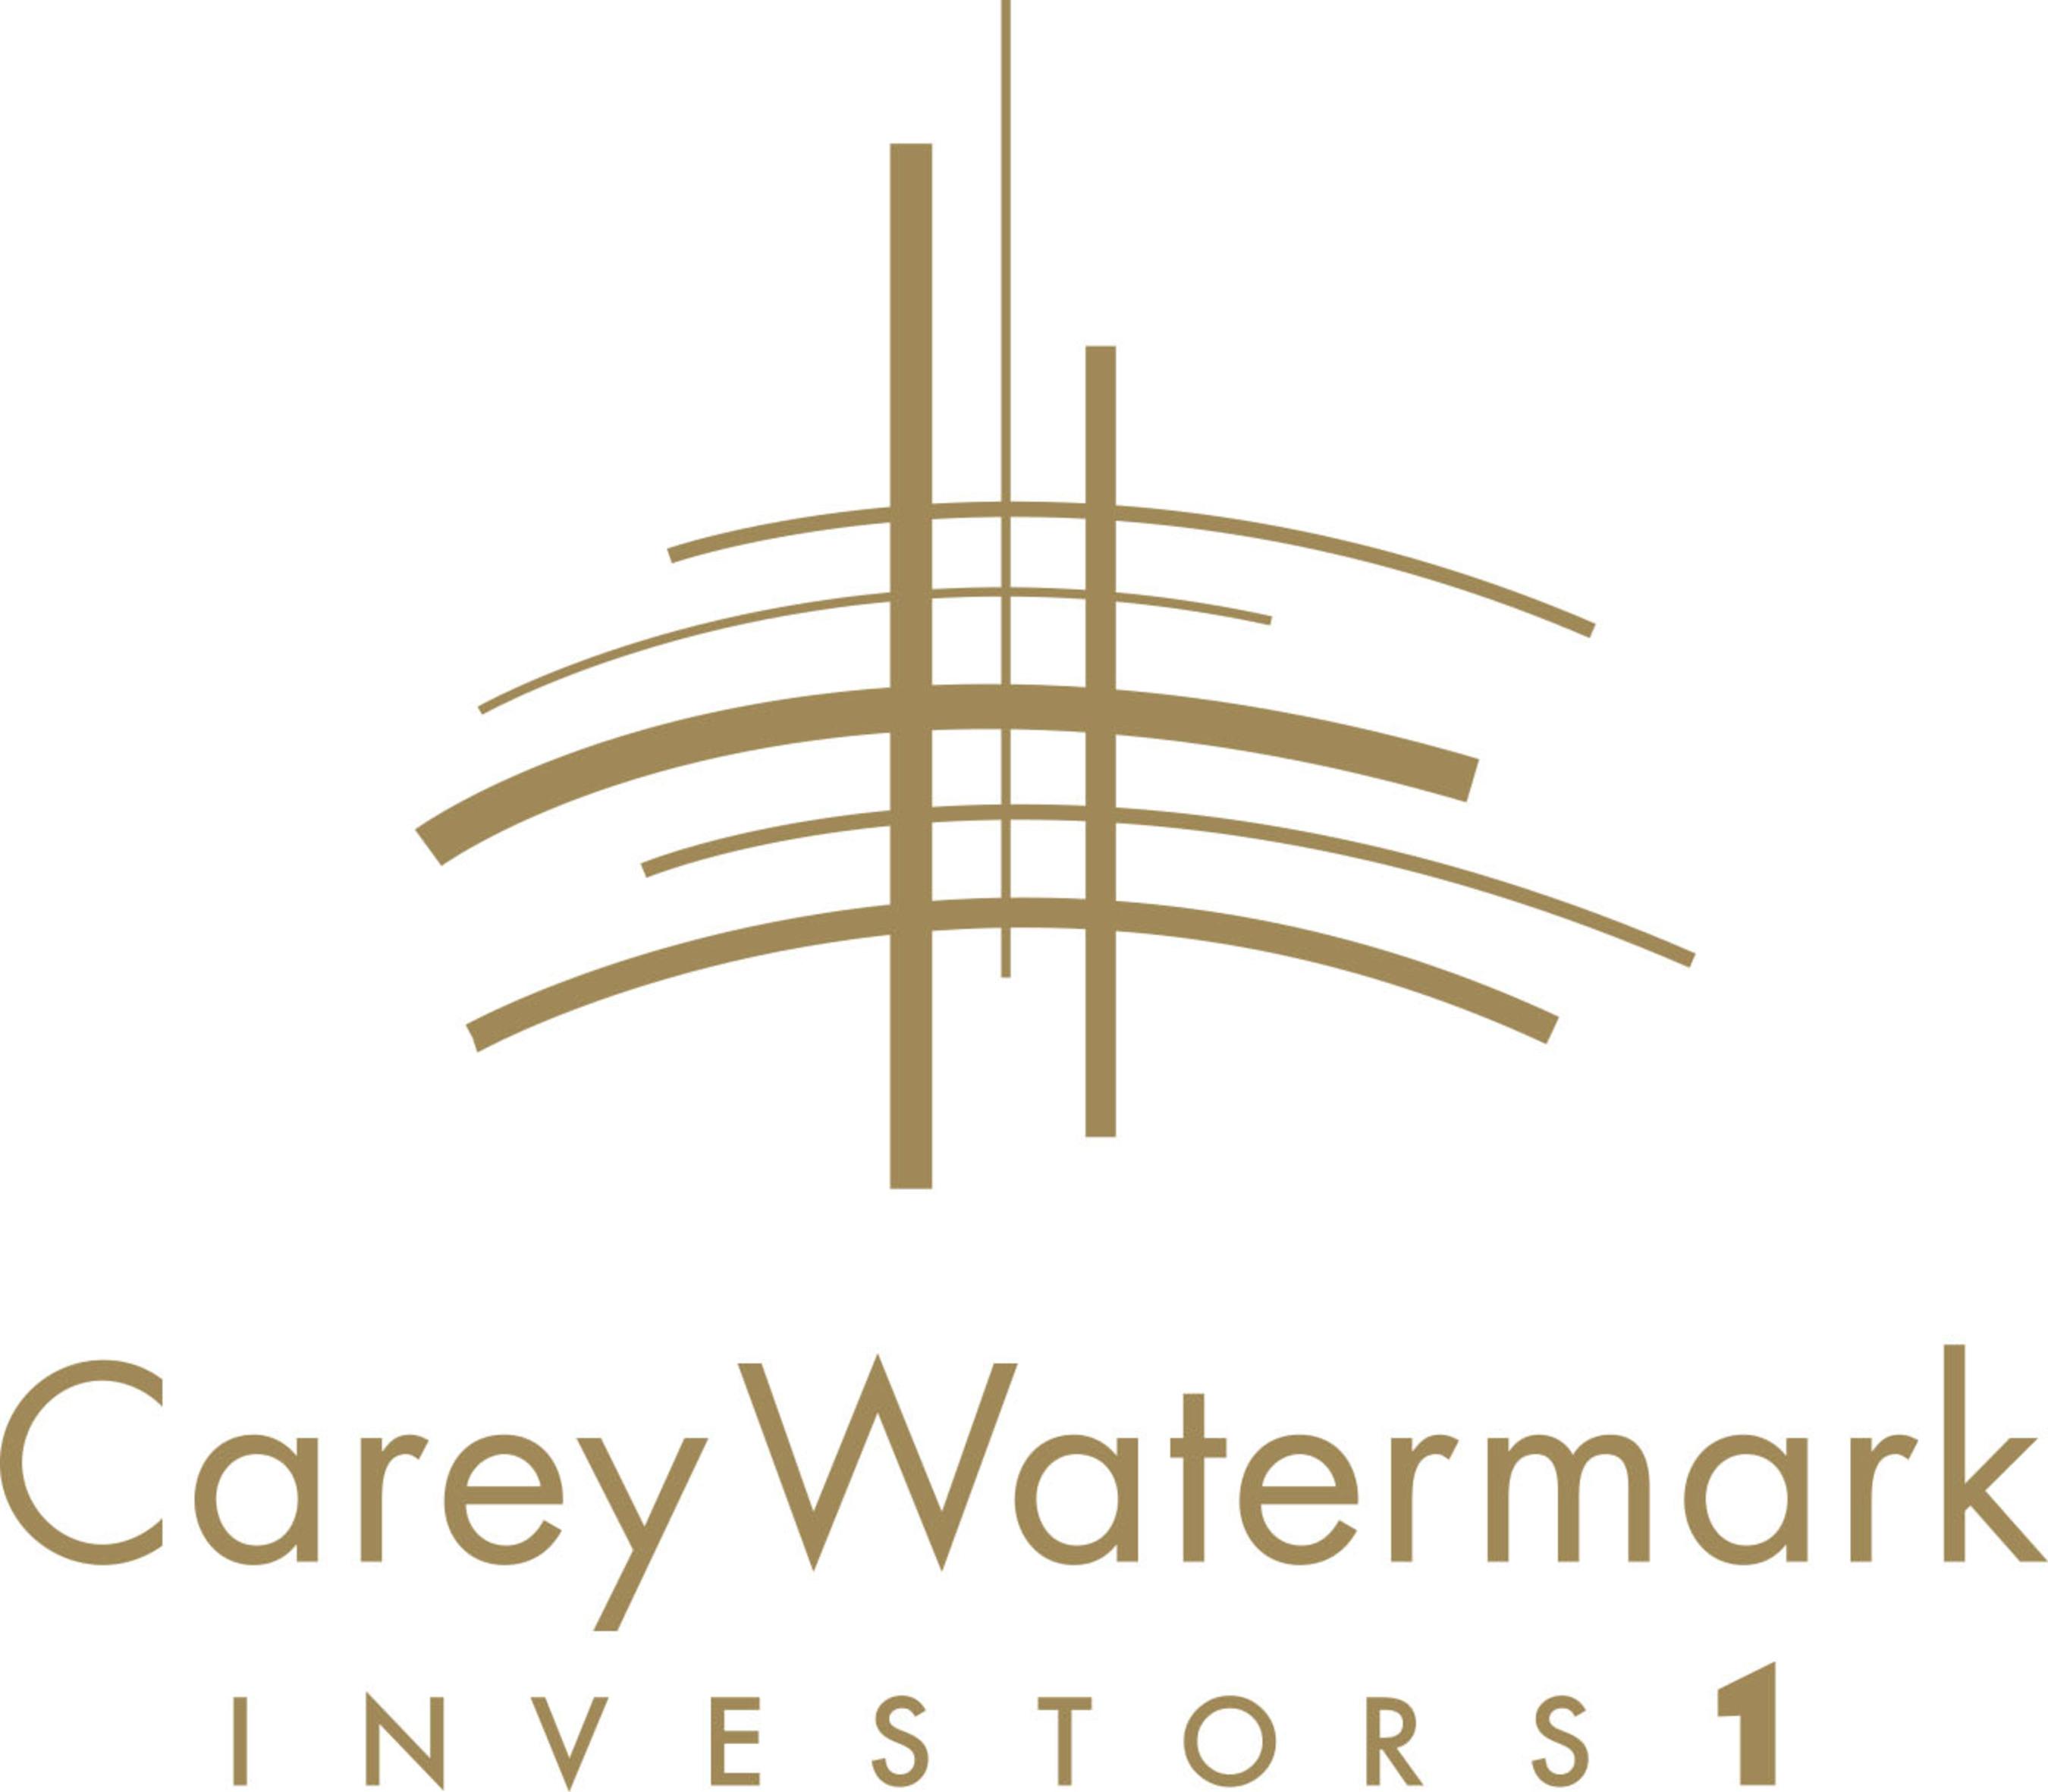 Carey Watermark Investors 1 Logo.